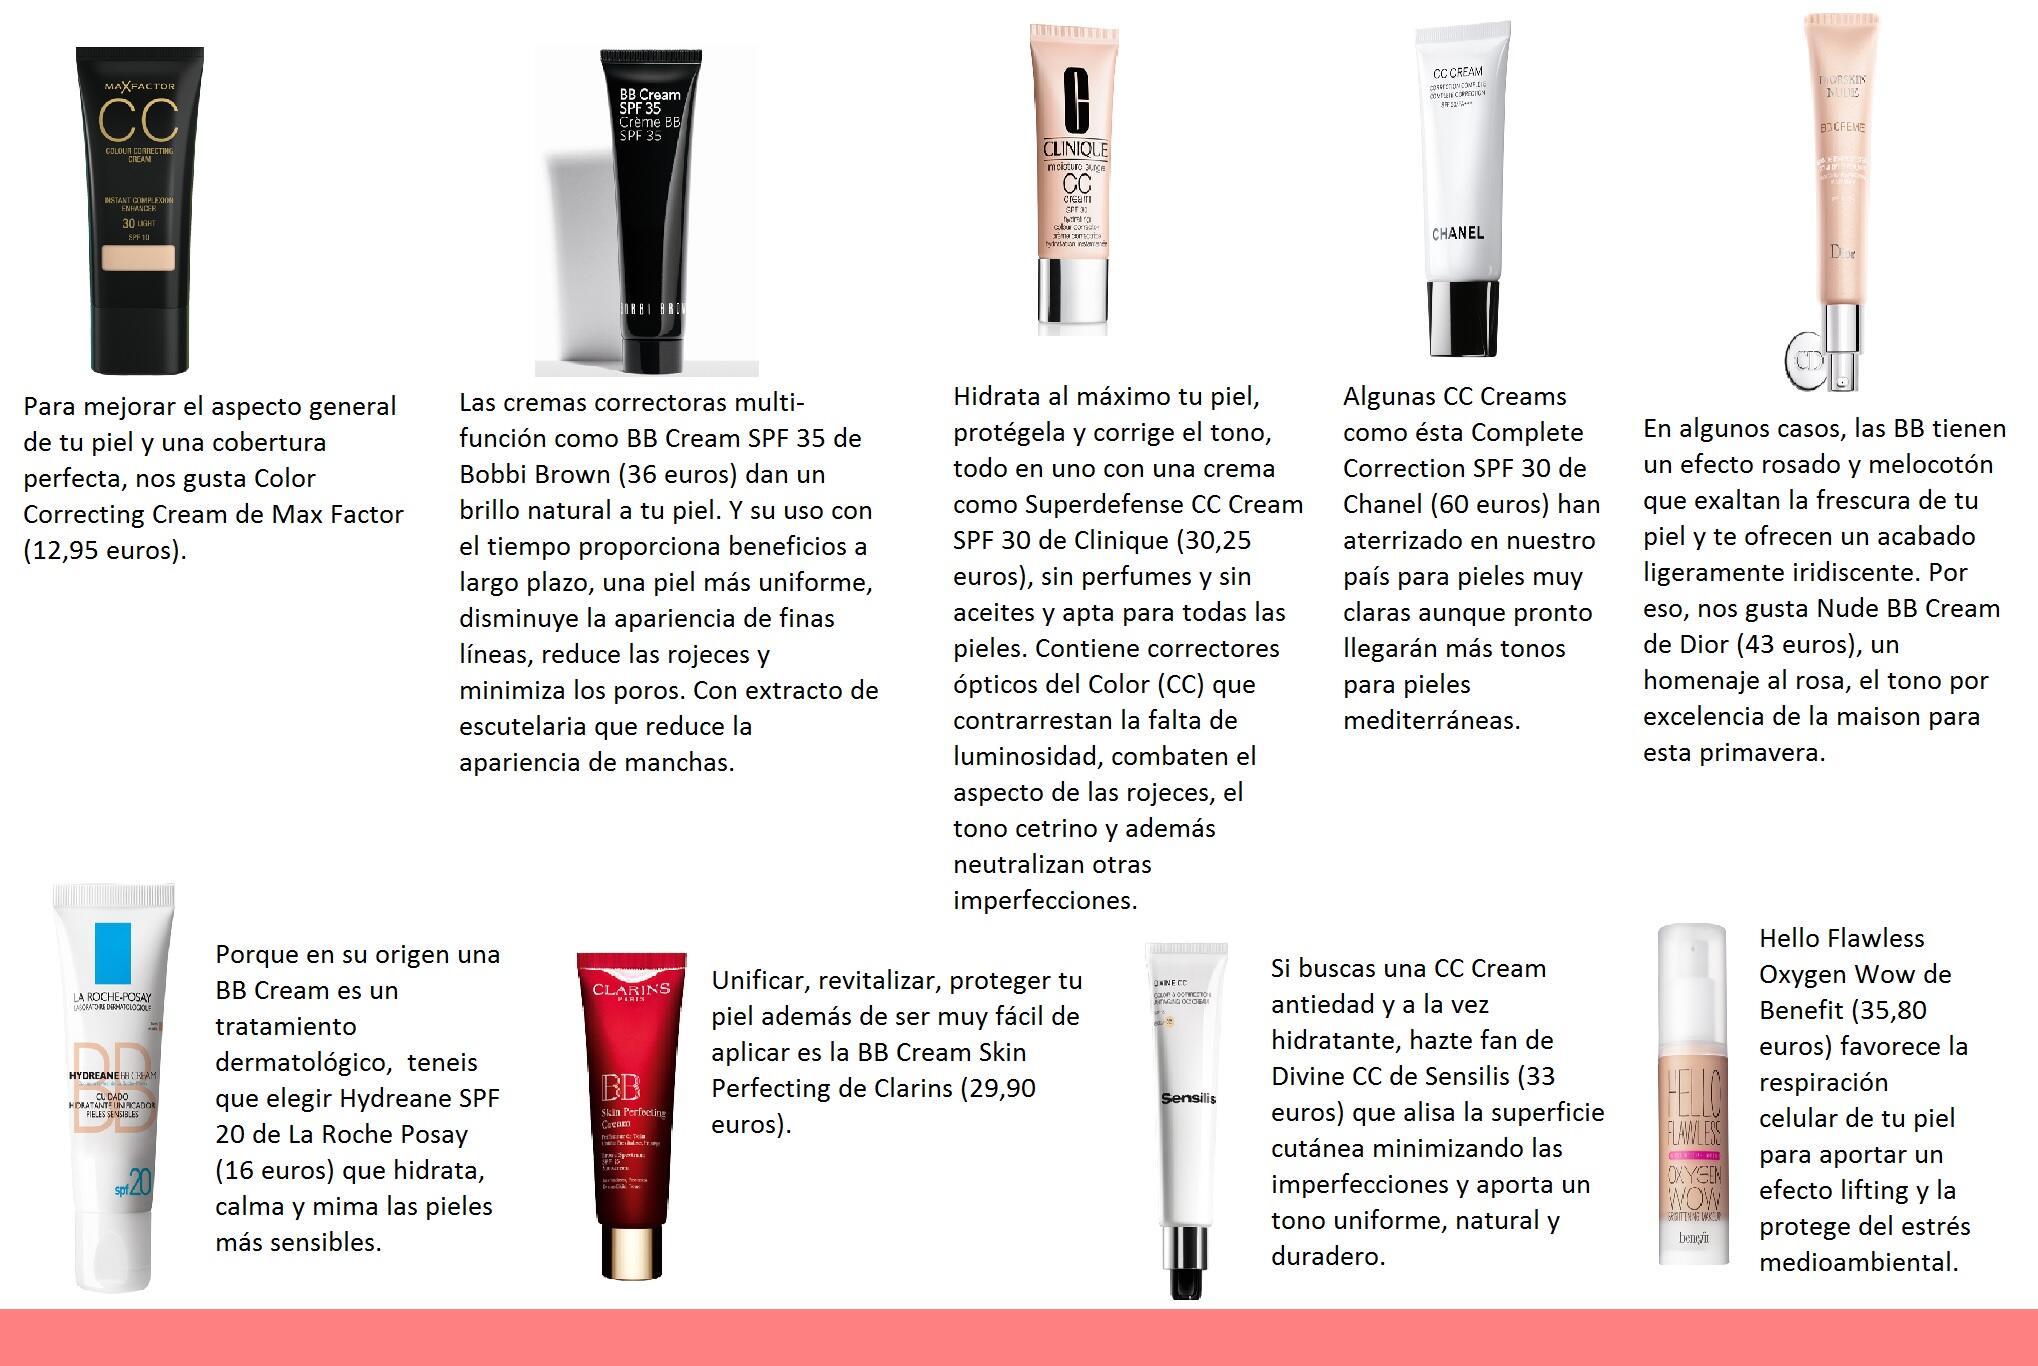 BB Cream o CC Cream? Cual es la tuya? http://t.co/TVBhrFqA6G